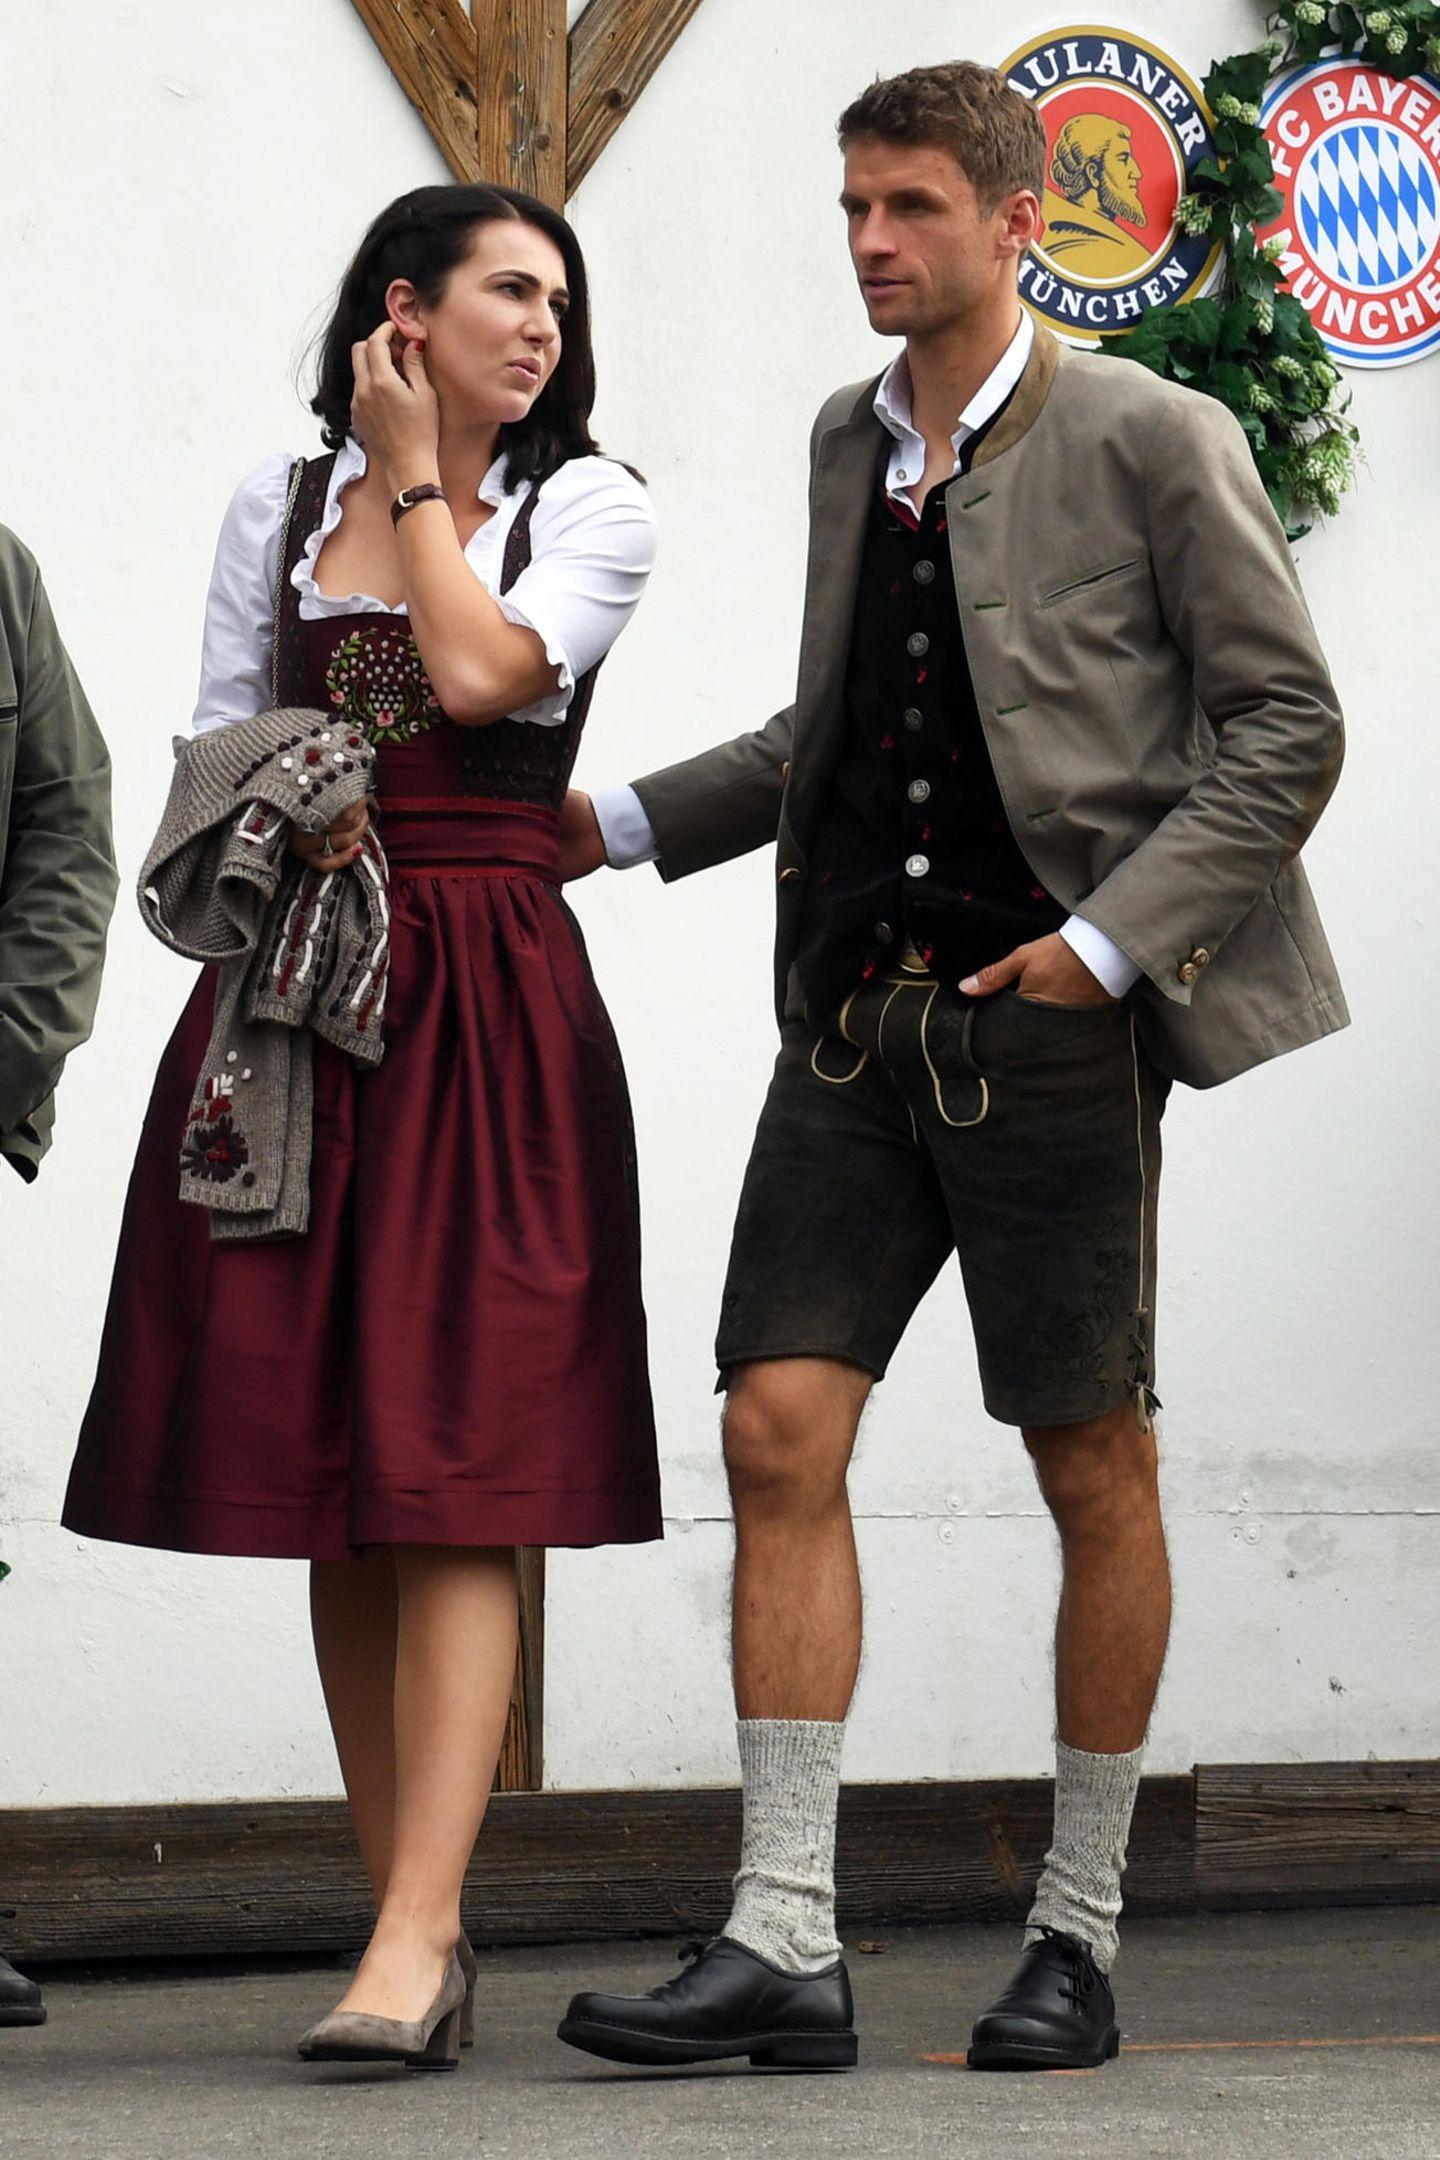 Lisa und Thomas Müller setzen auf klassische Tracht bei ihrem Besuch auf dem Oktoberfest. Die Spielerfrau trägt ein bordeauxfarbenes Dirndl mit schlichter Rüschen-Bluse und gestrickter Trachtenjacke, der Fußballer trägt zur dunklen Lederhose Weste und Janker.